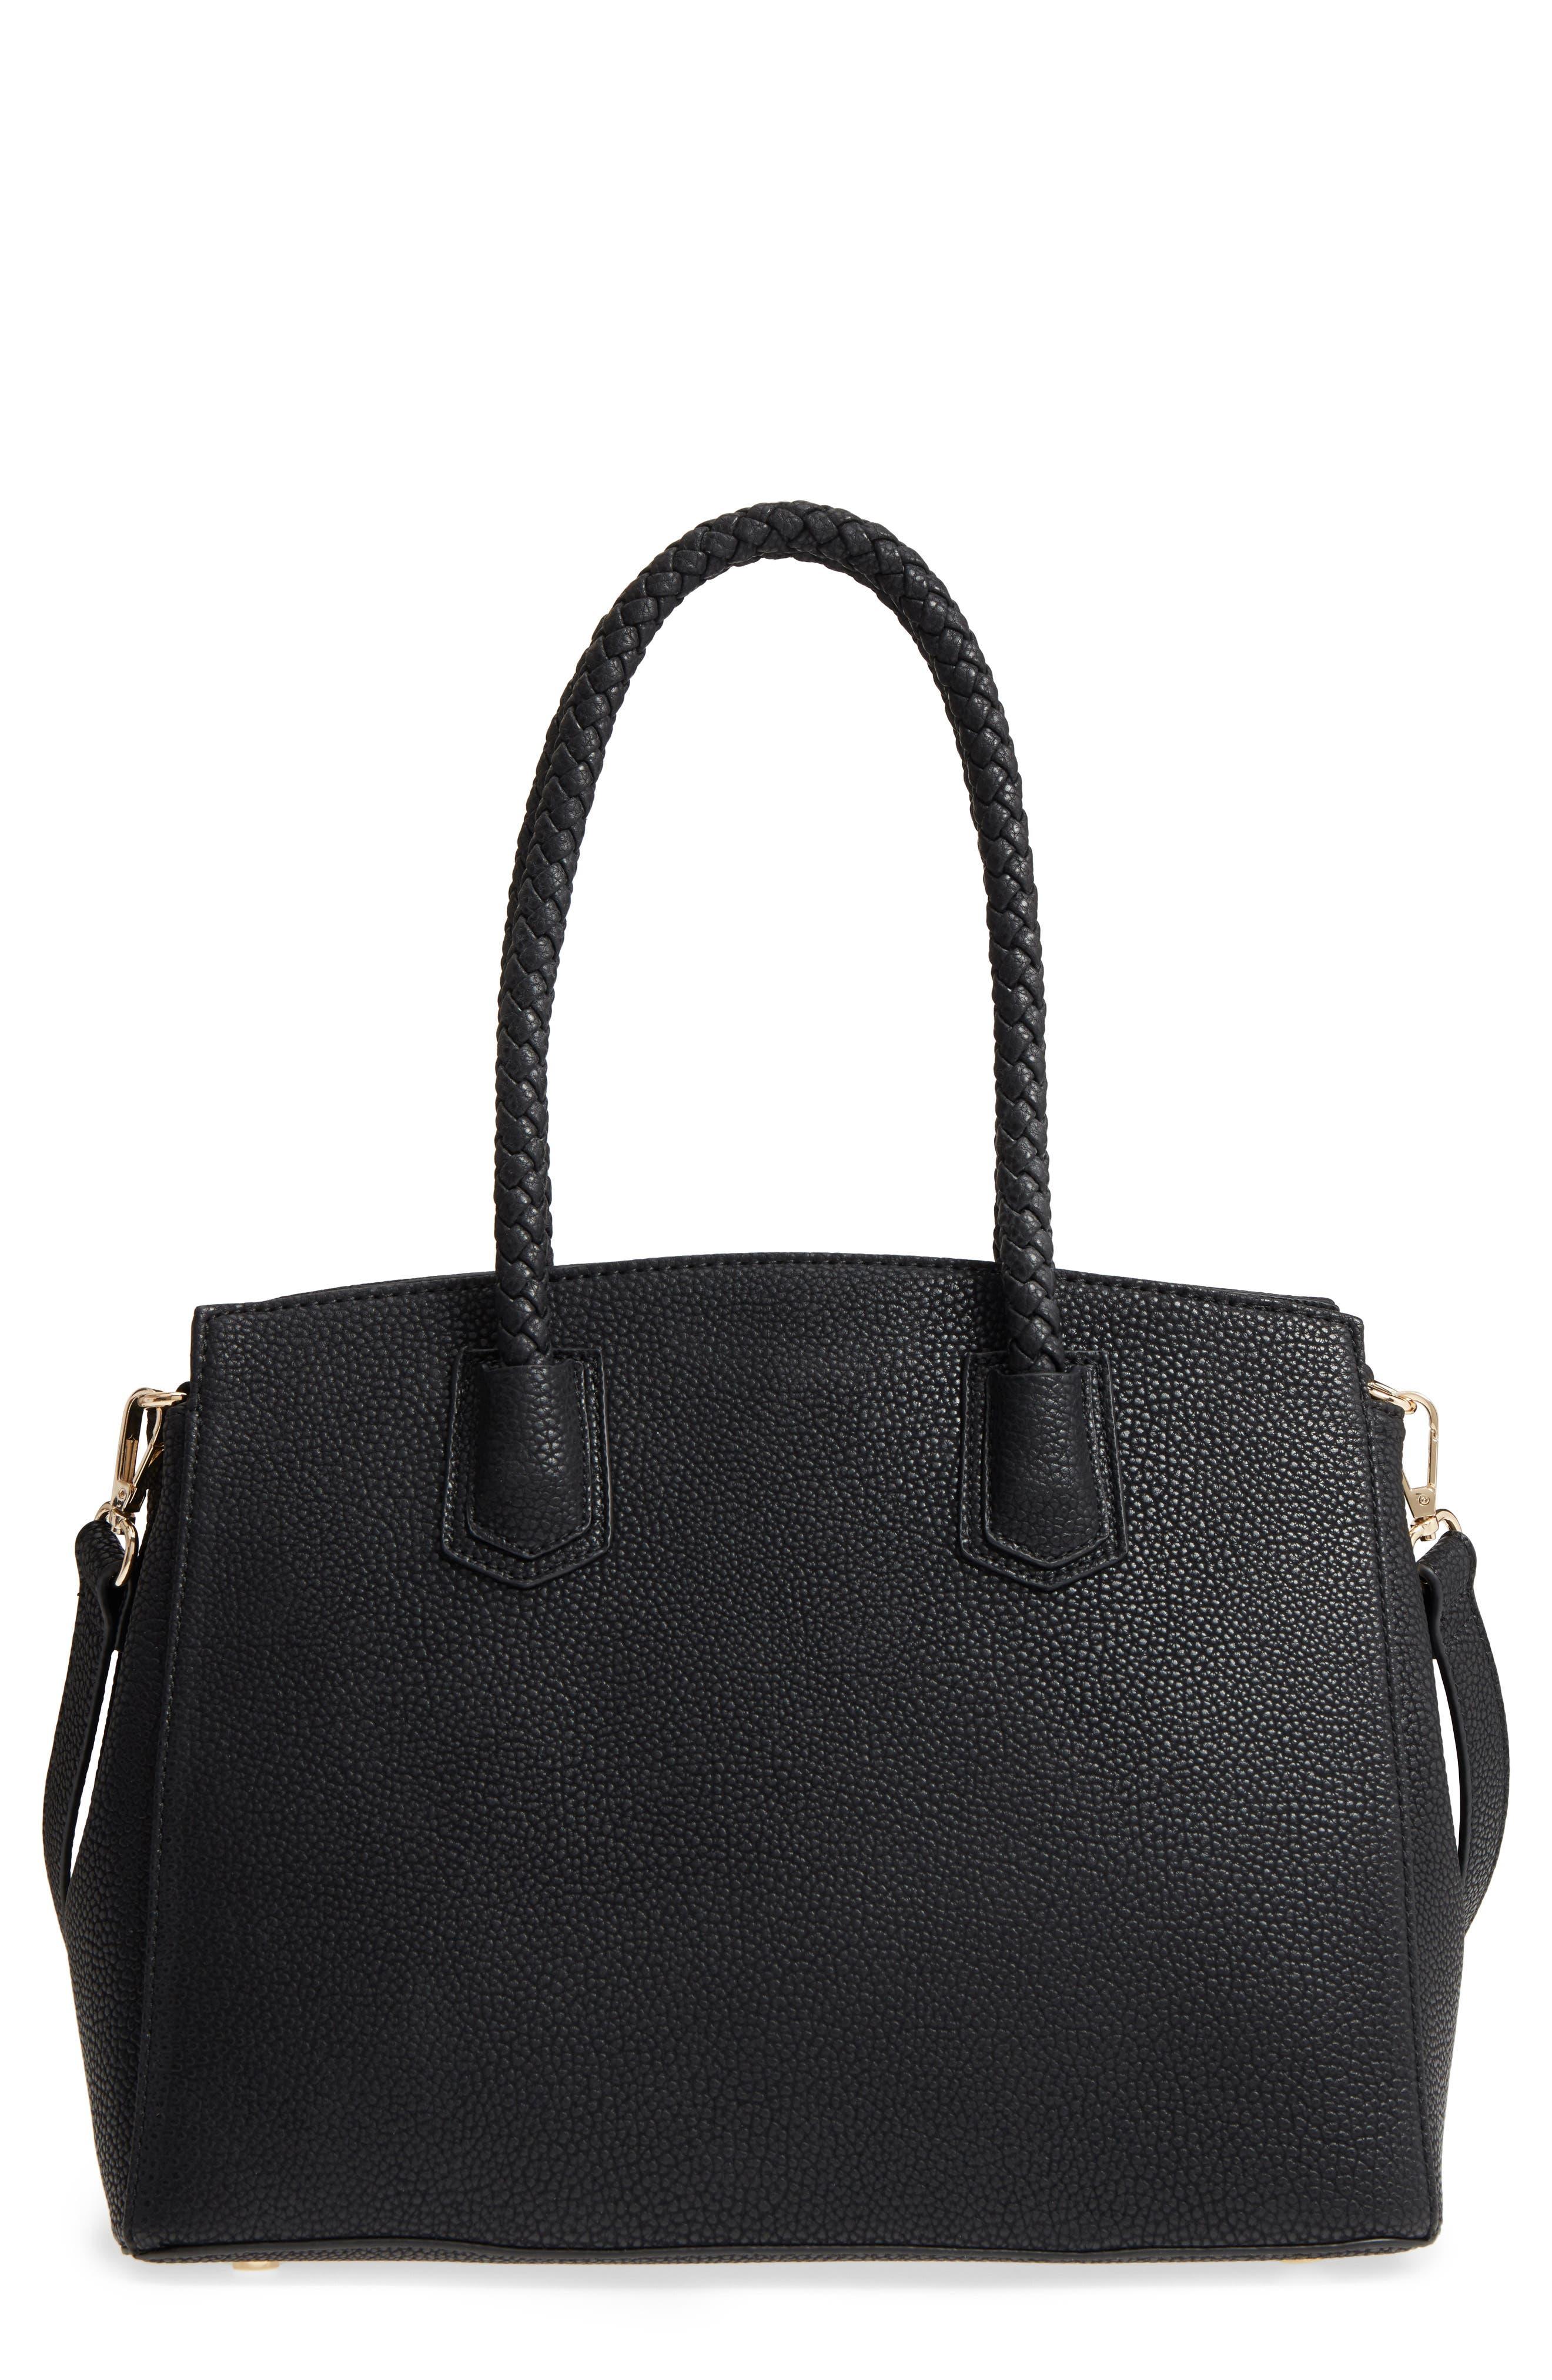 Lexington Faux Leather Satchel,                             Main thumbnail 1, color,                             Black